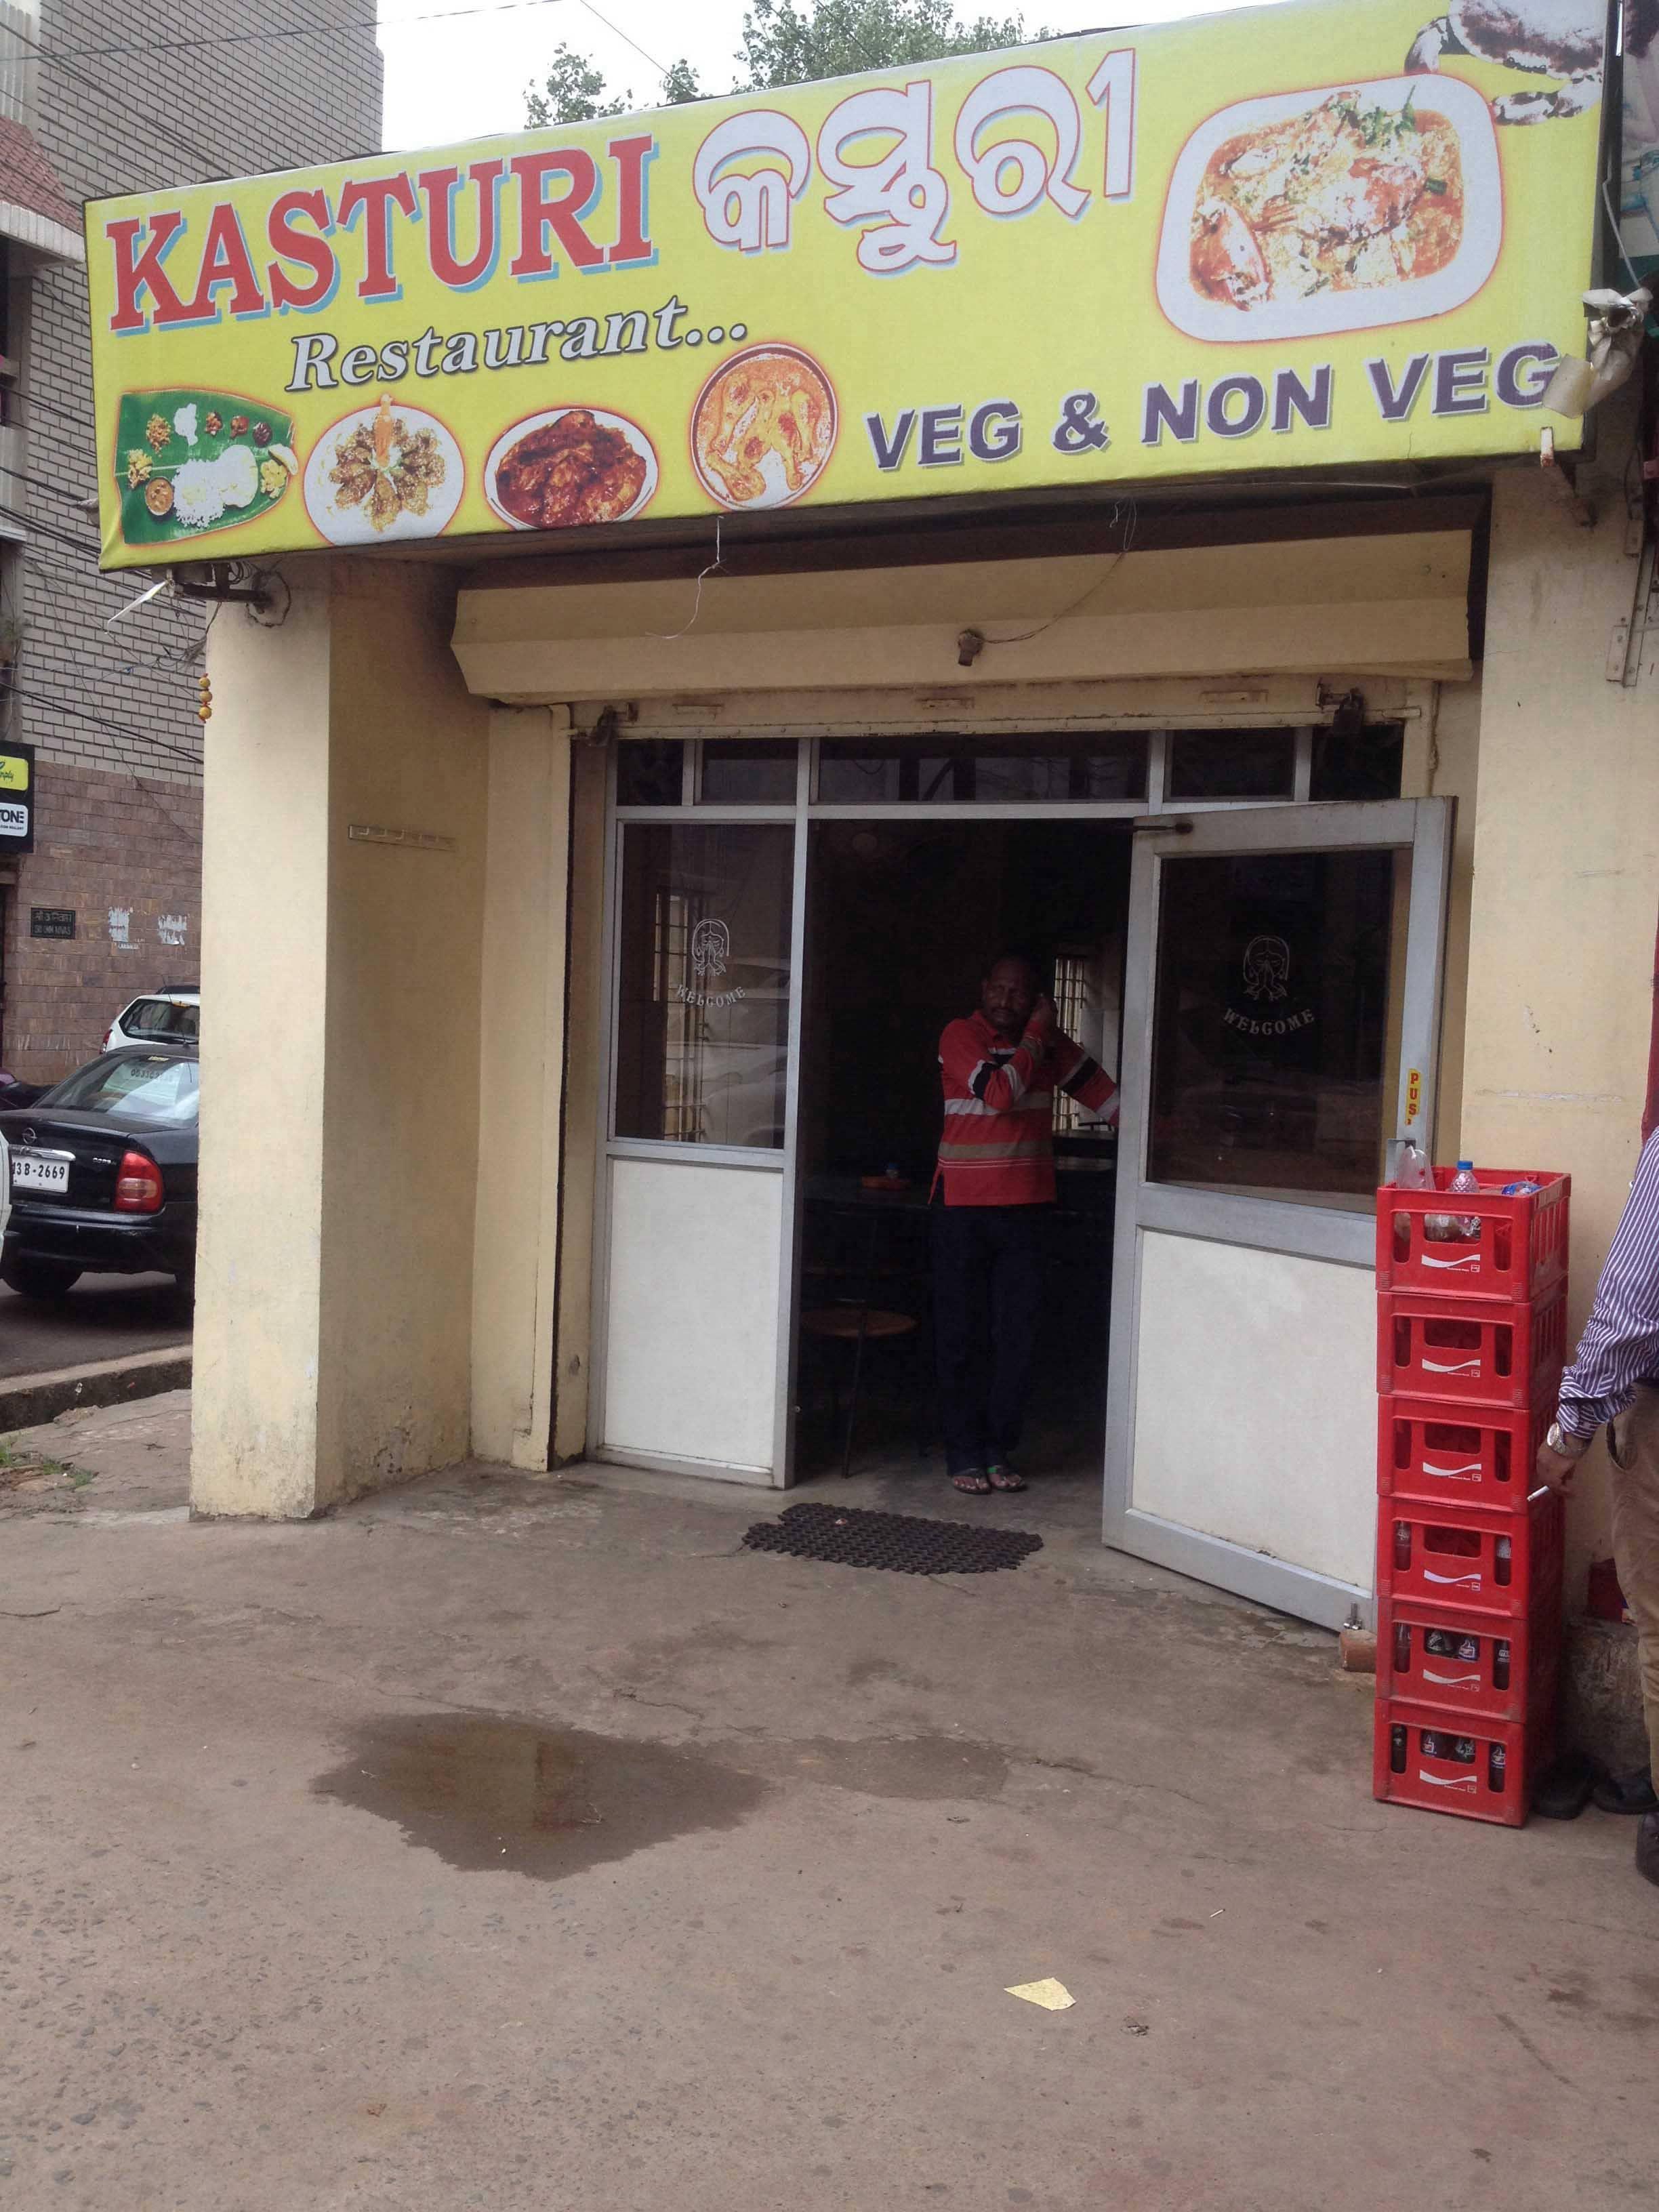 Kasturi Restaurant - Kharabela Nagar - Bhubaneswar Image